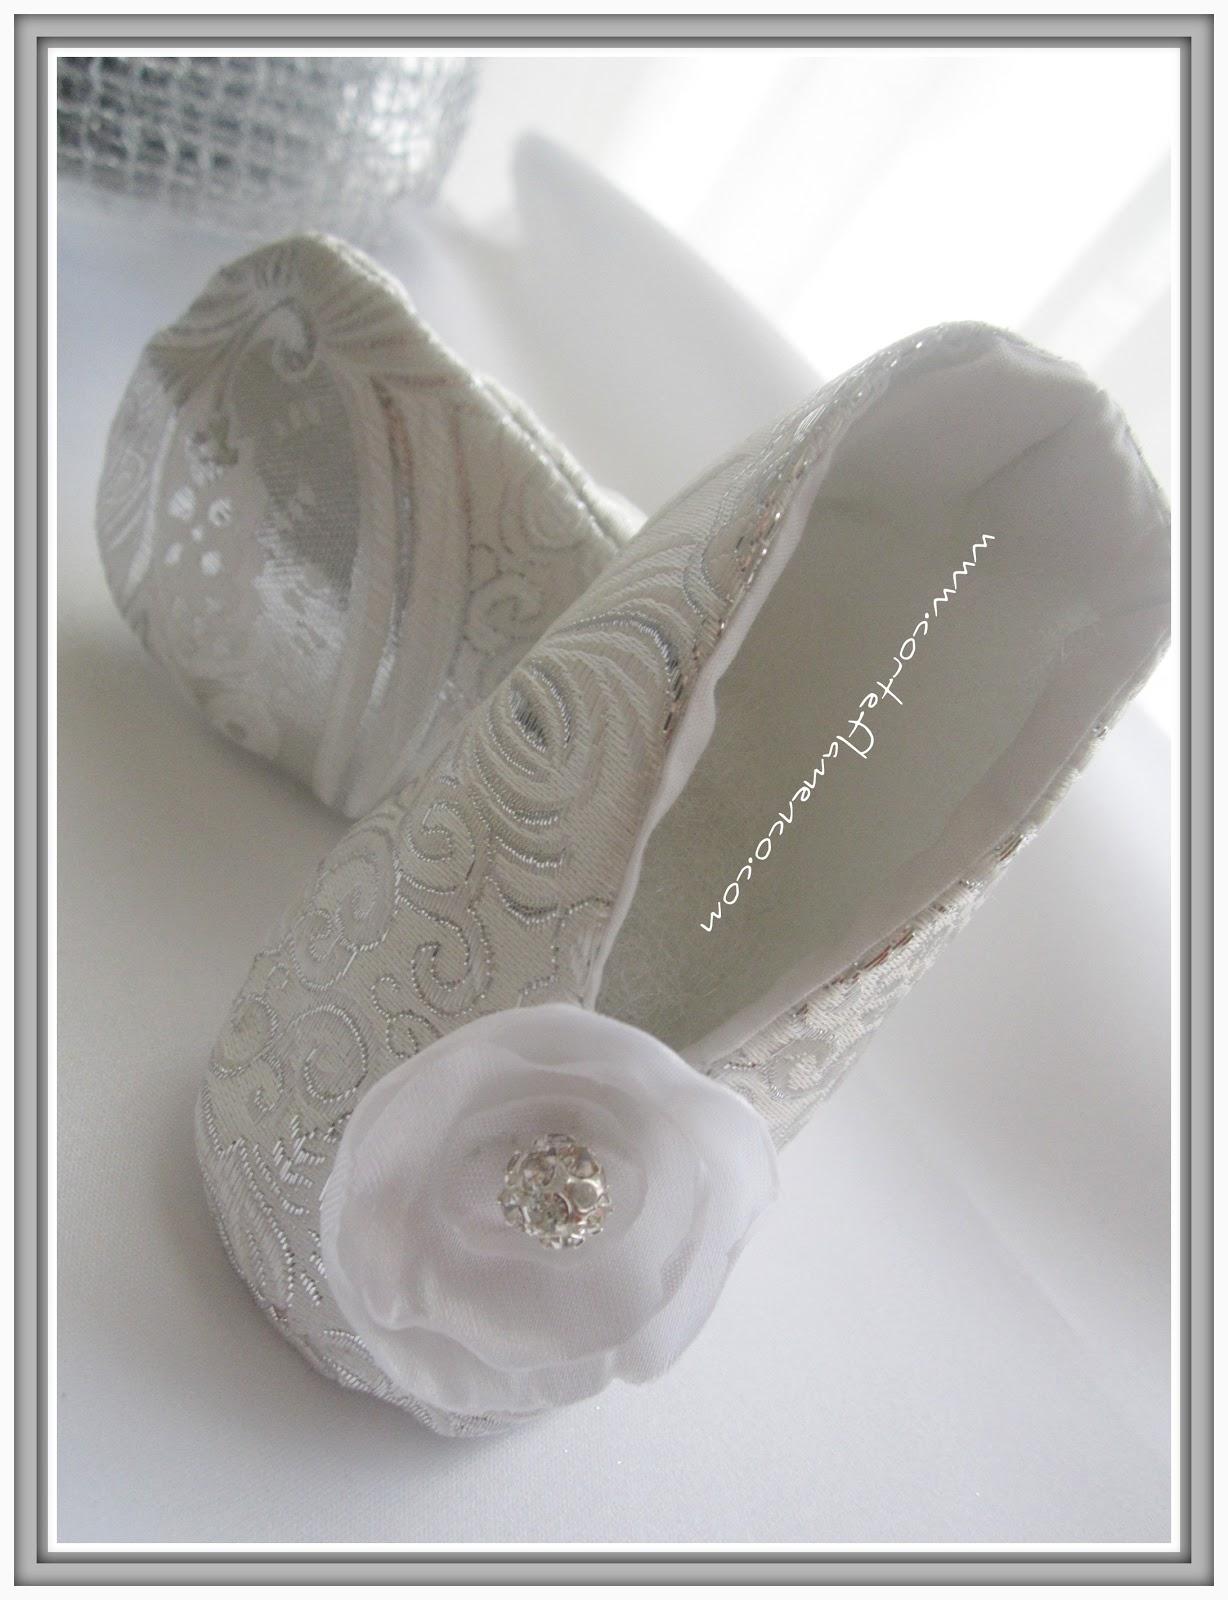 imagenes de zapatos de niños - fotos zapatos | Zapatos para Niña Coppel